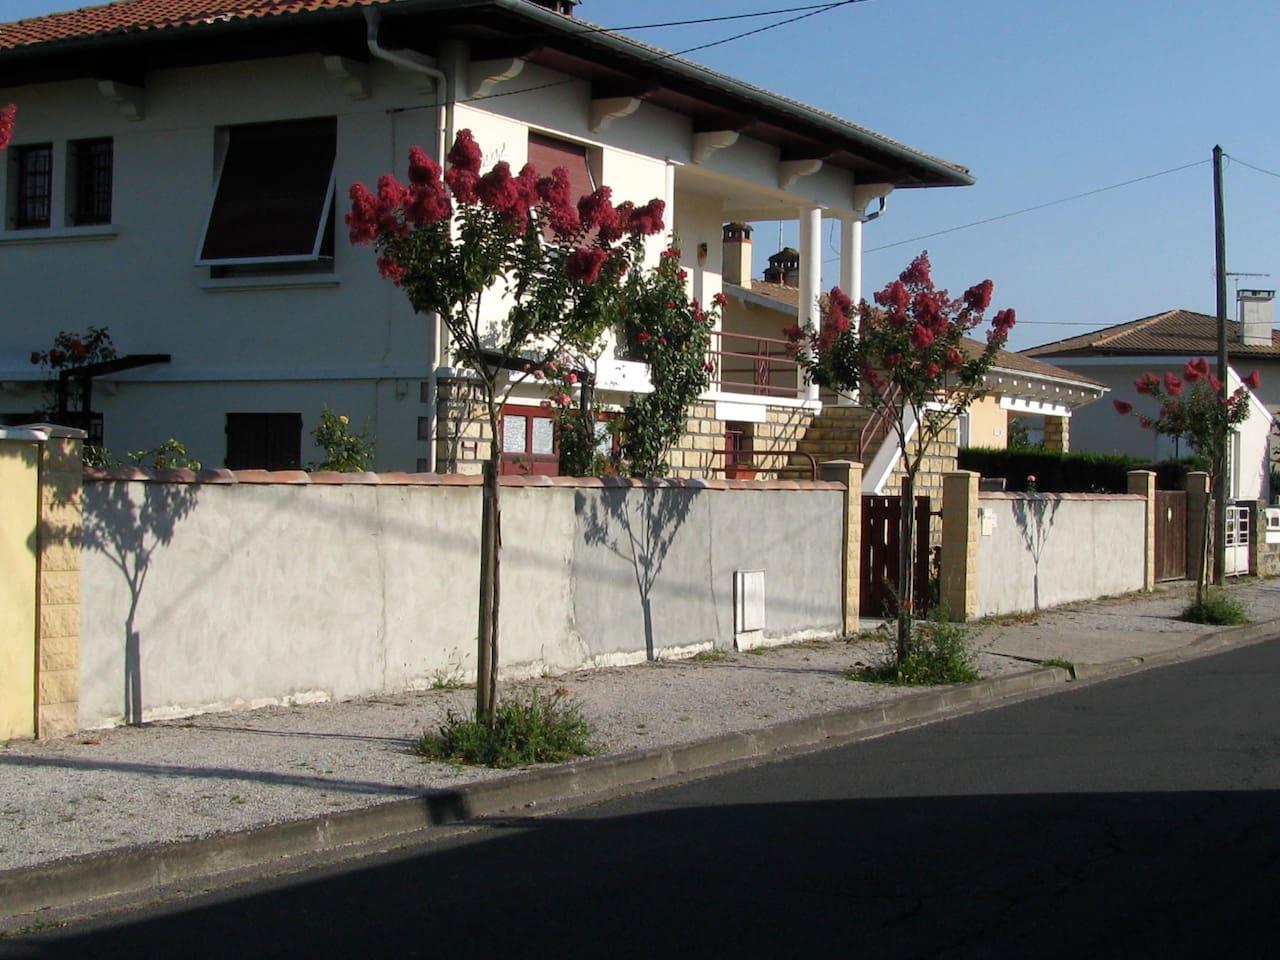 Villa vue de la rue